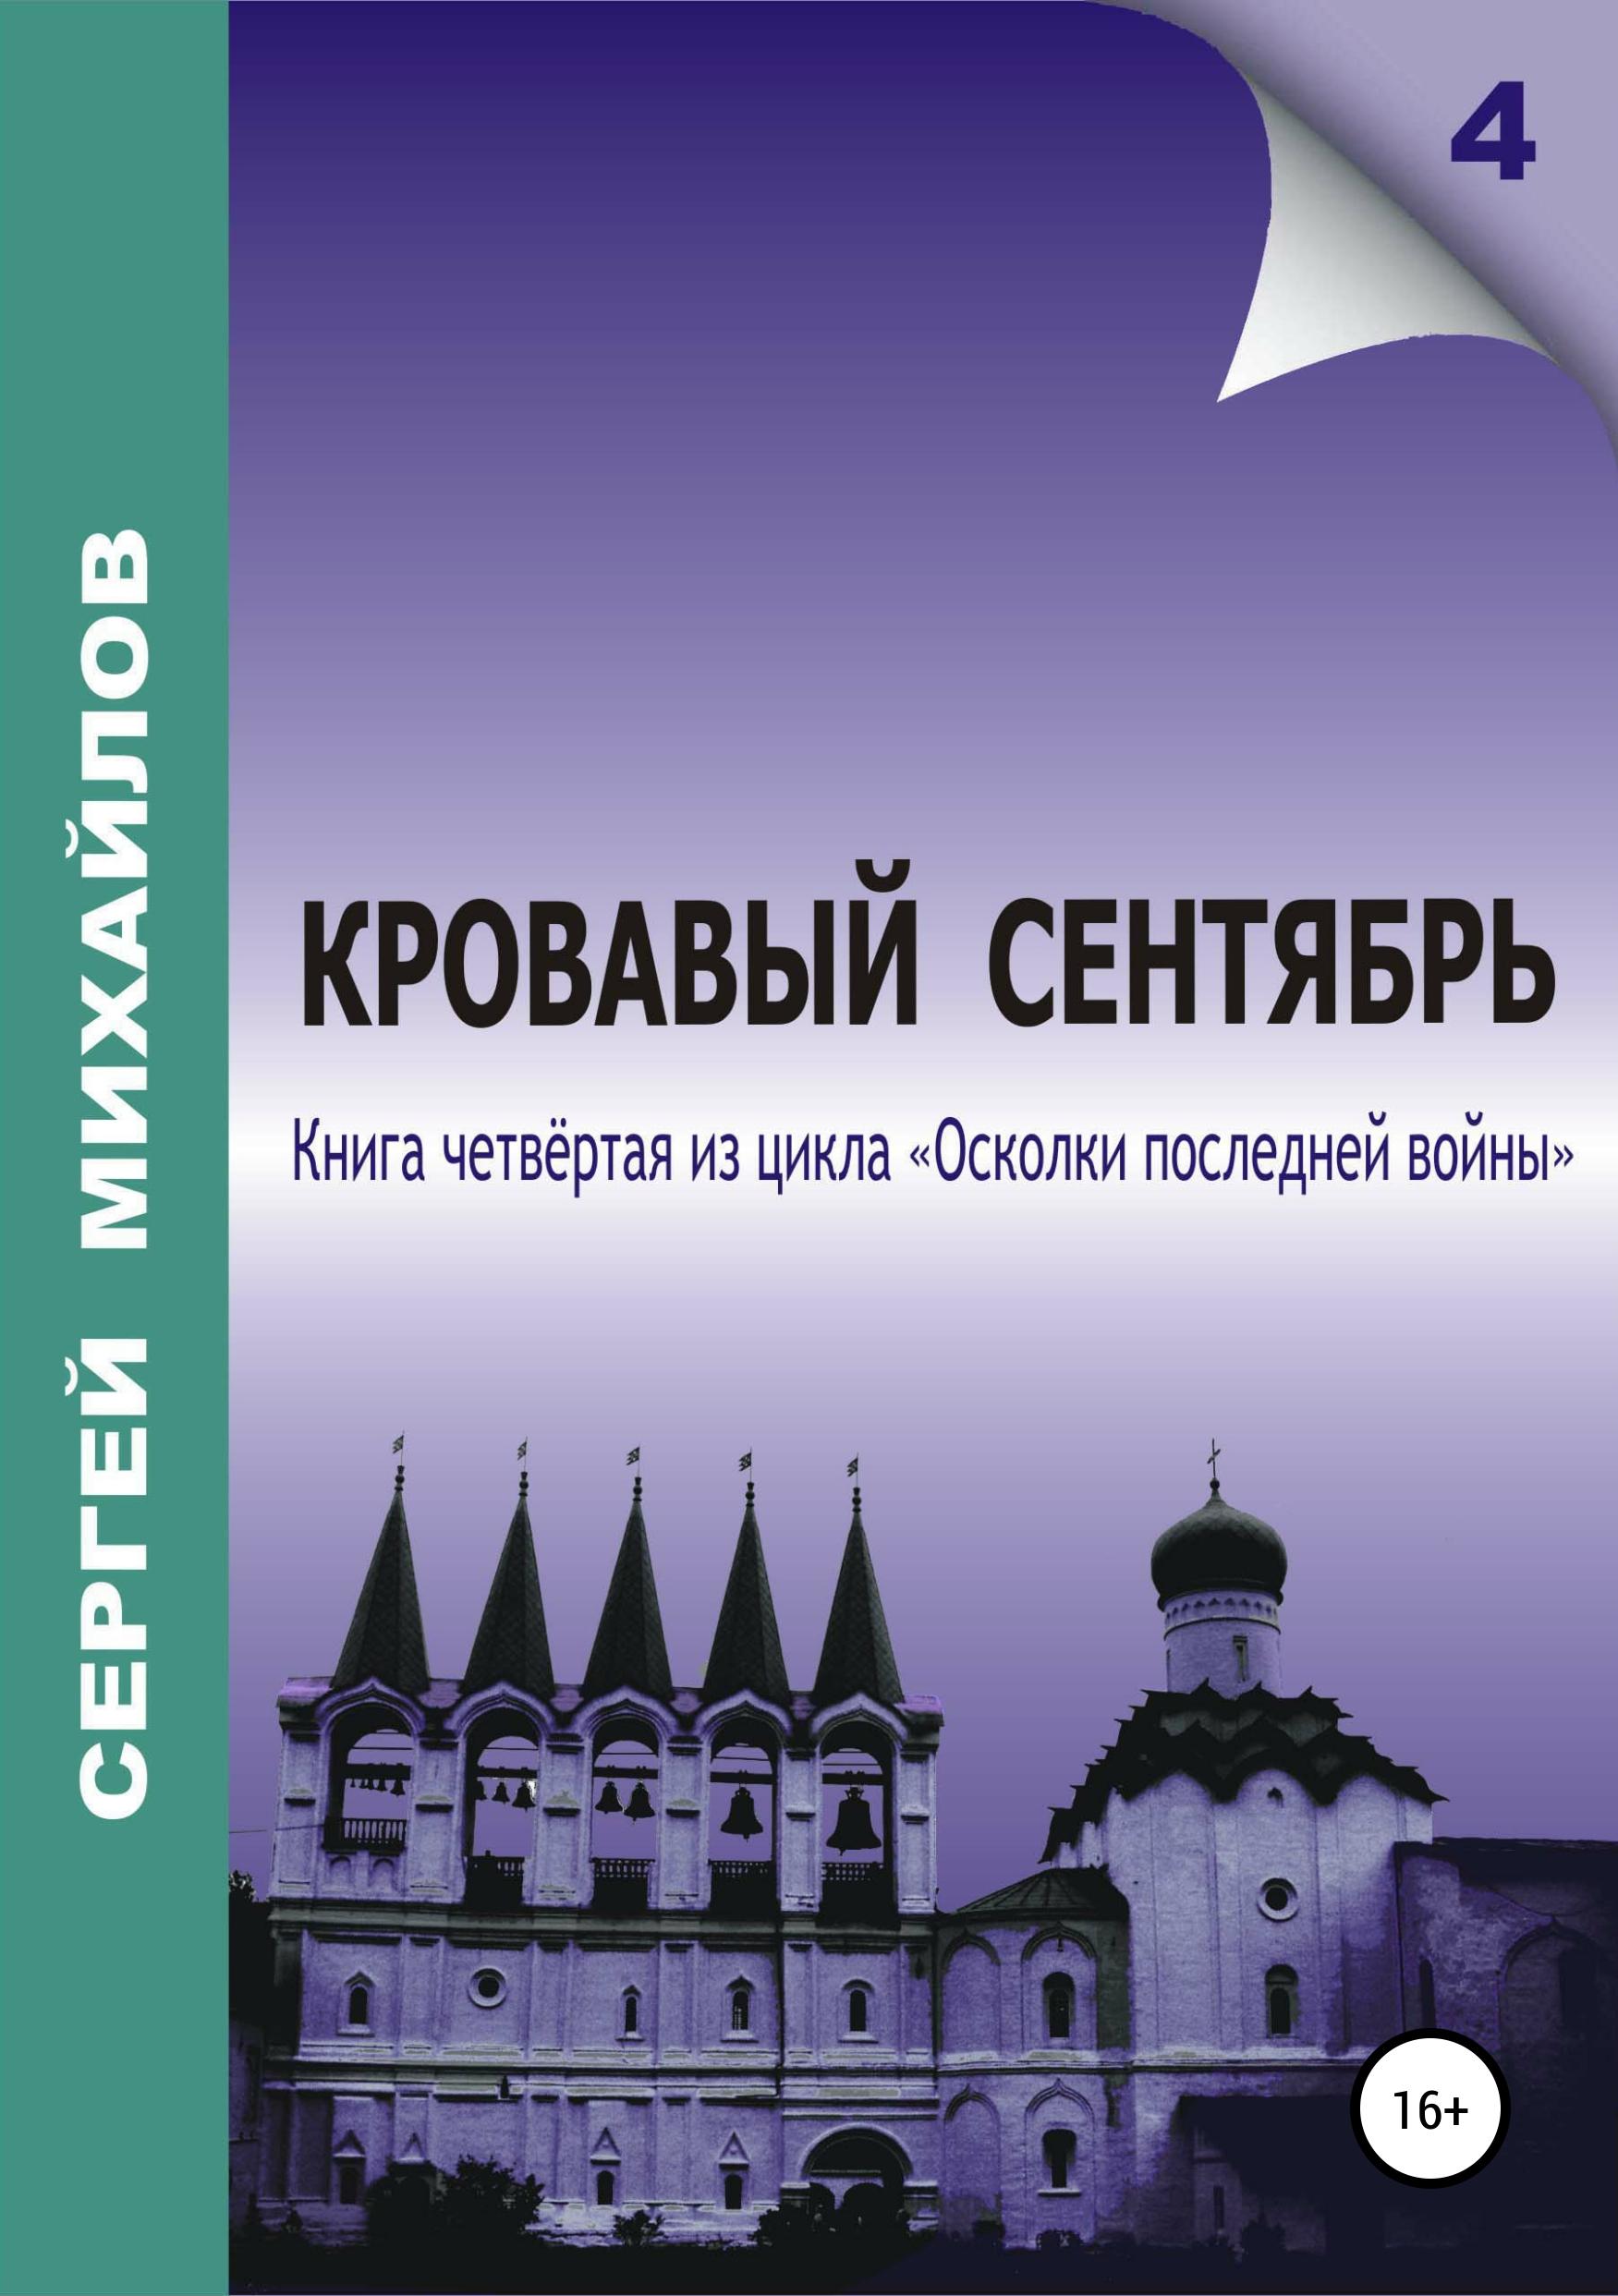 Купить книгу Кровавый сентябрь, автора Сергея Михайлова